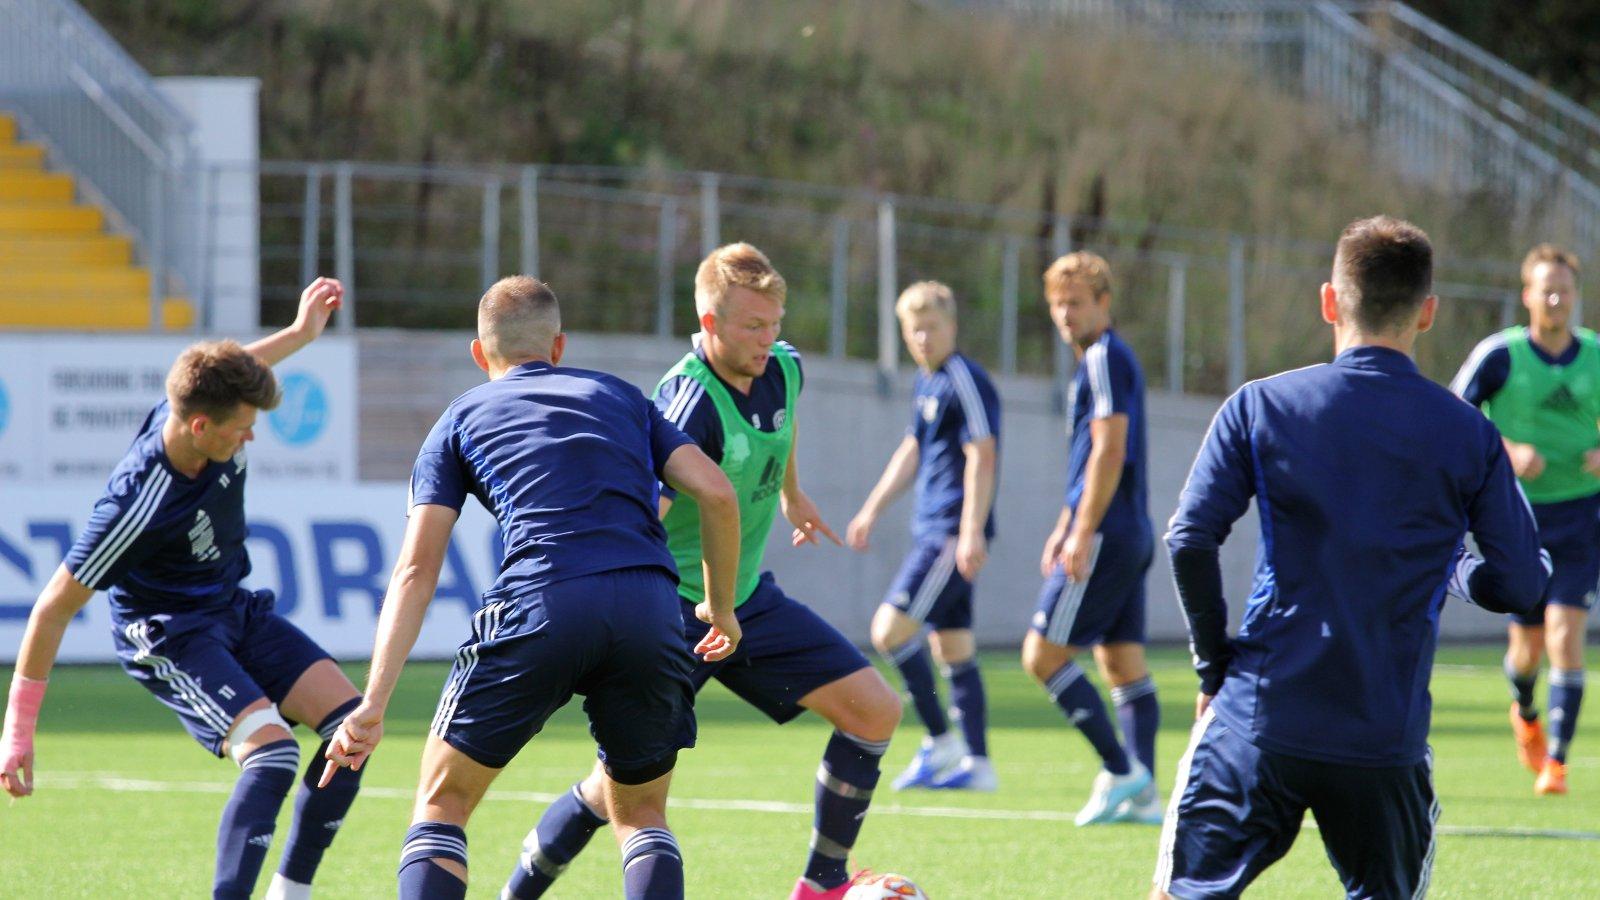 Fabian Stensrud Ness på trening 29. augsut 2019.